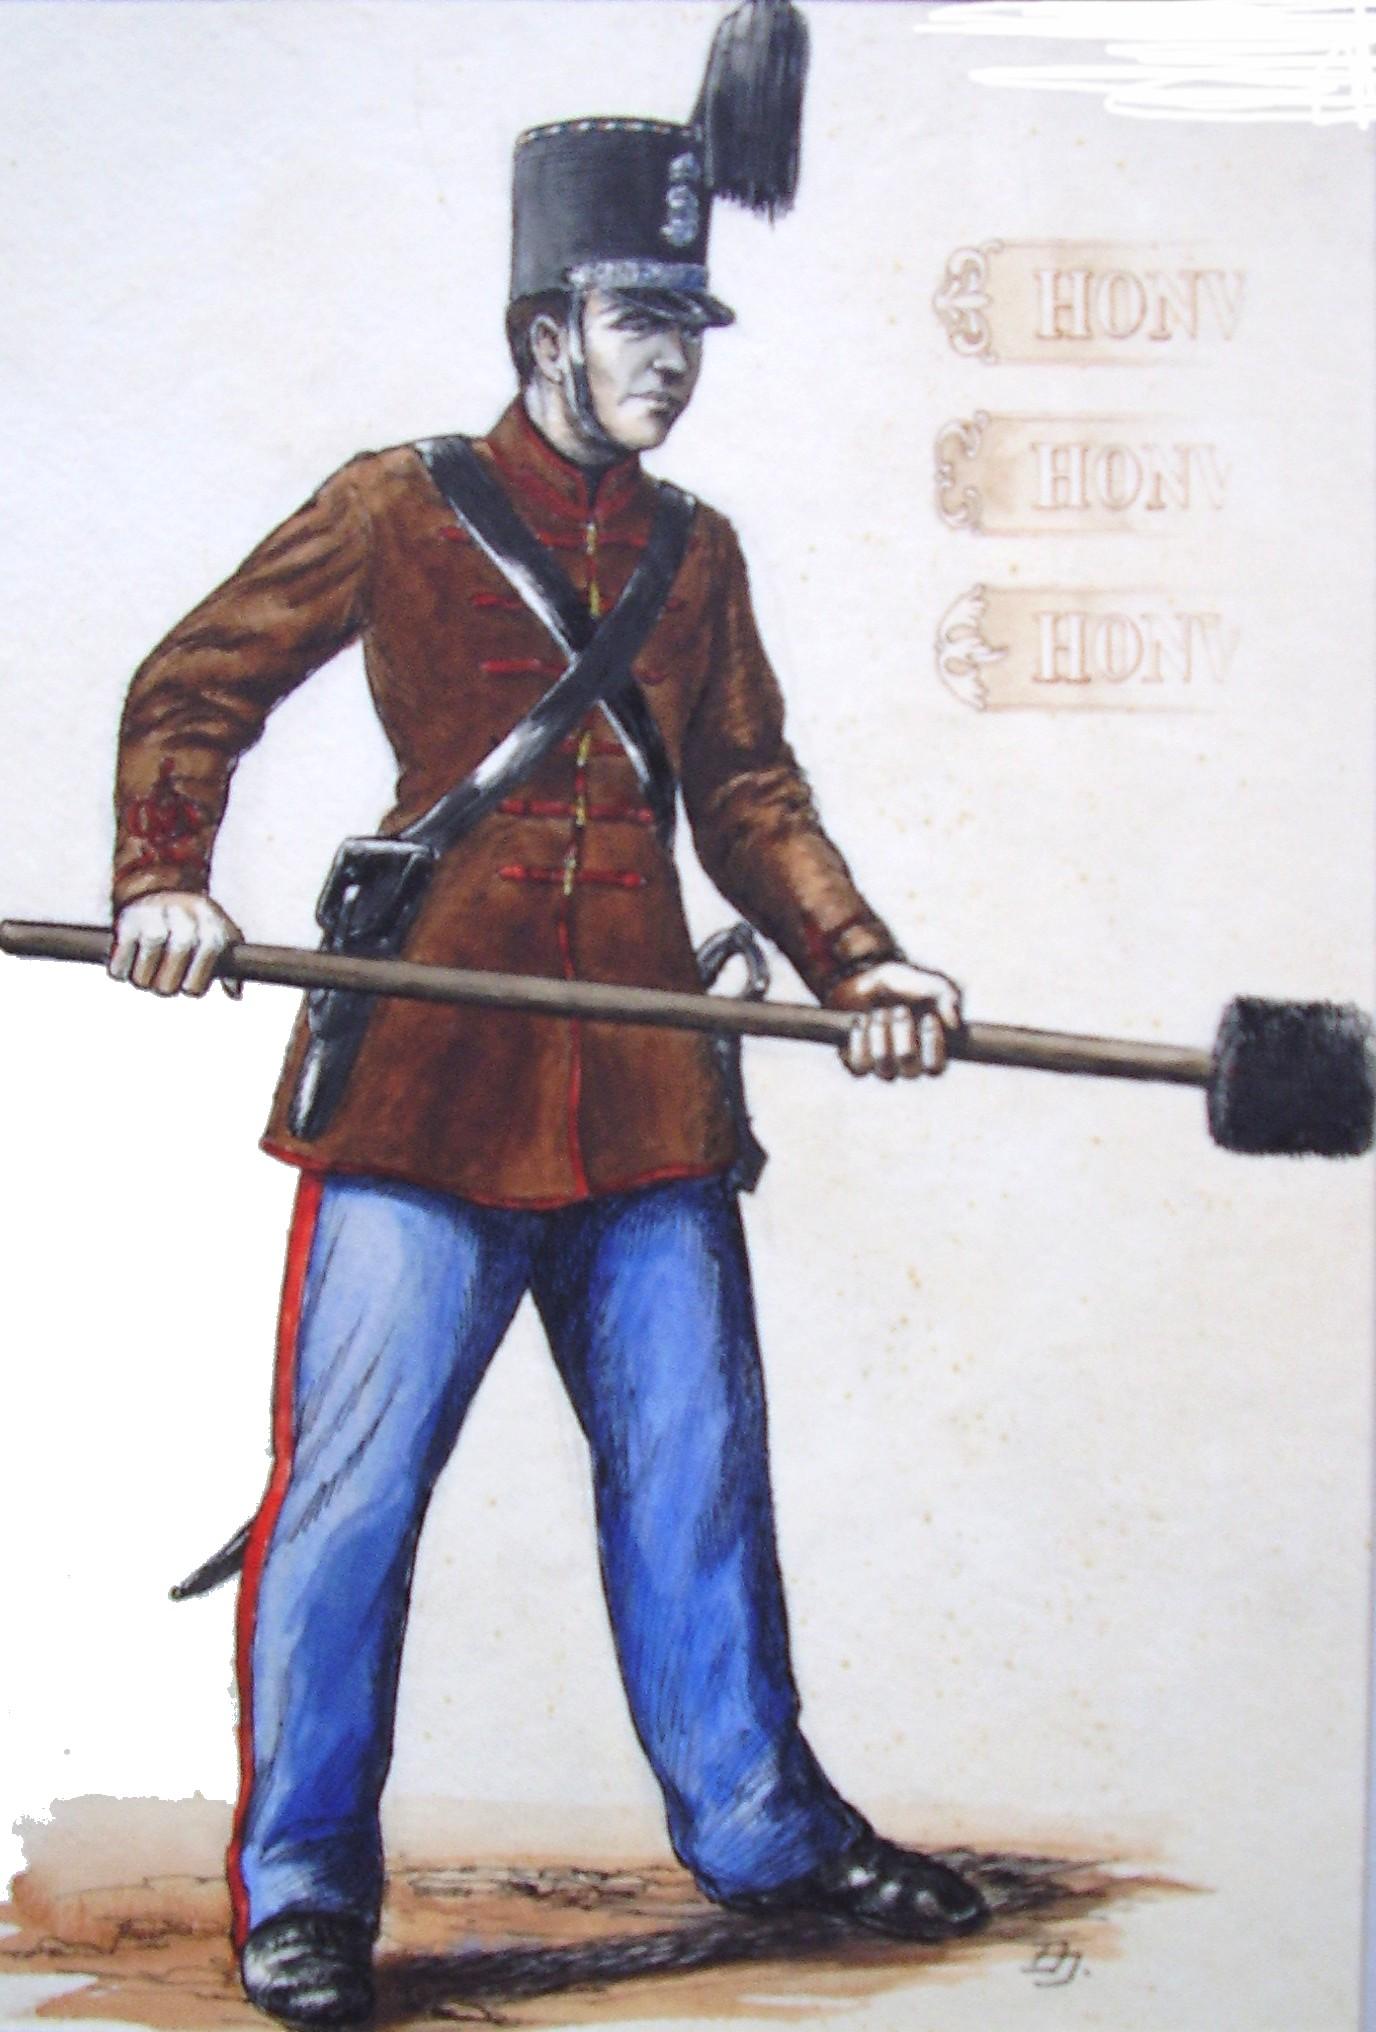 Honvéd tüzér 1848